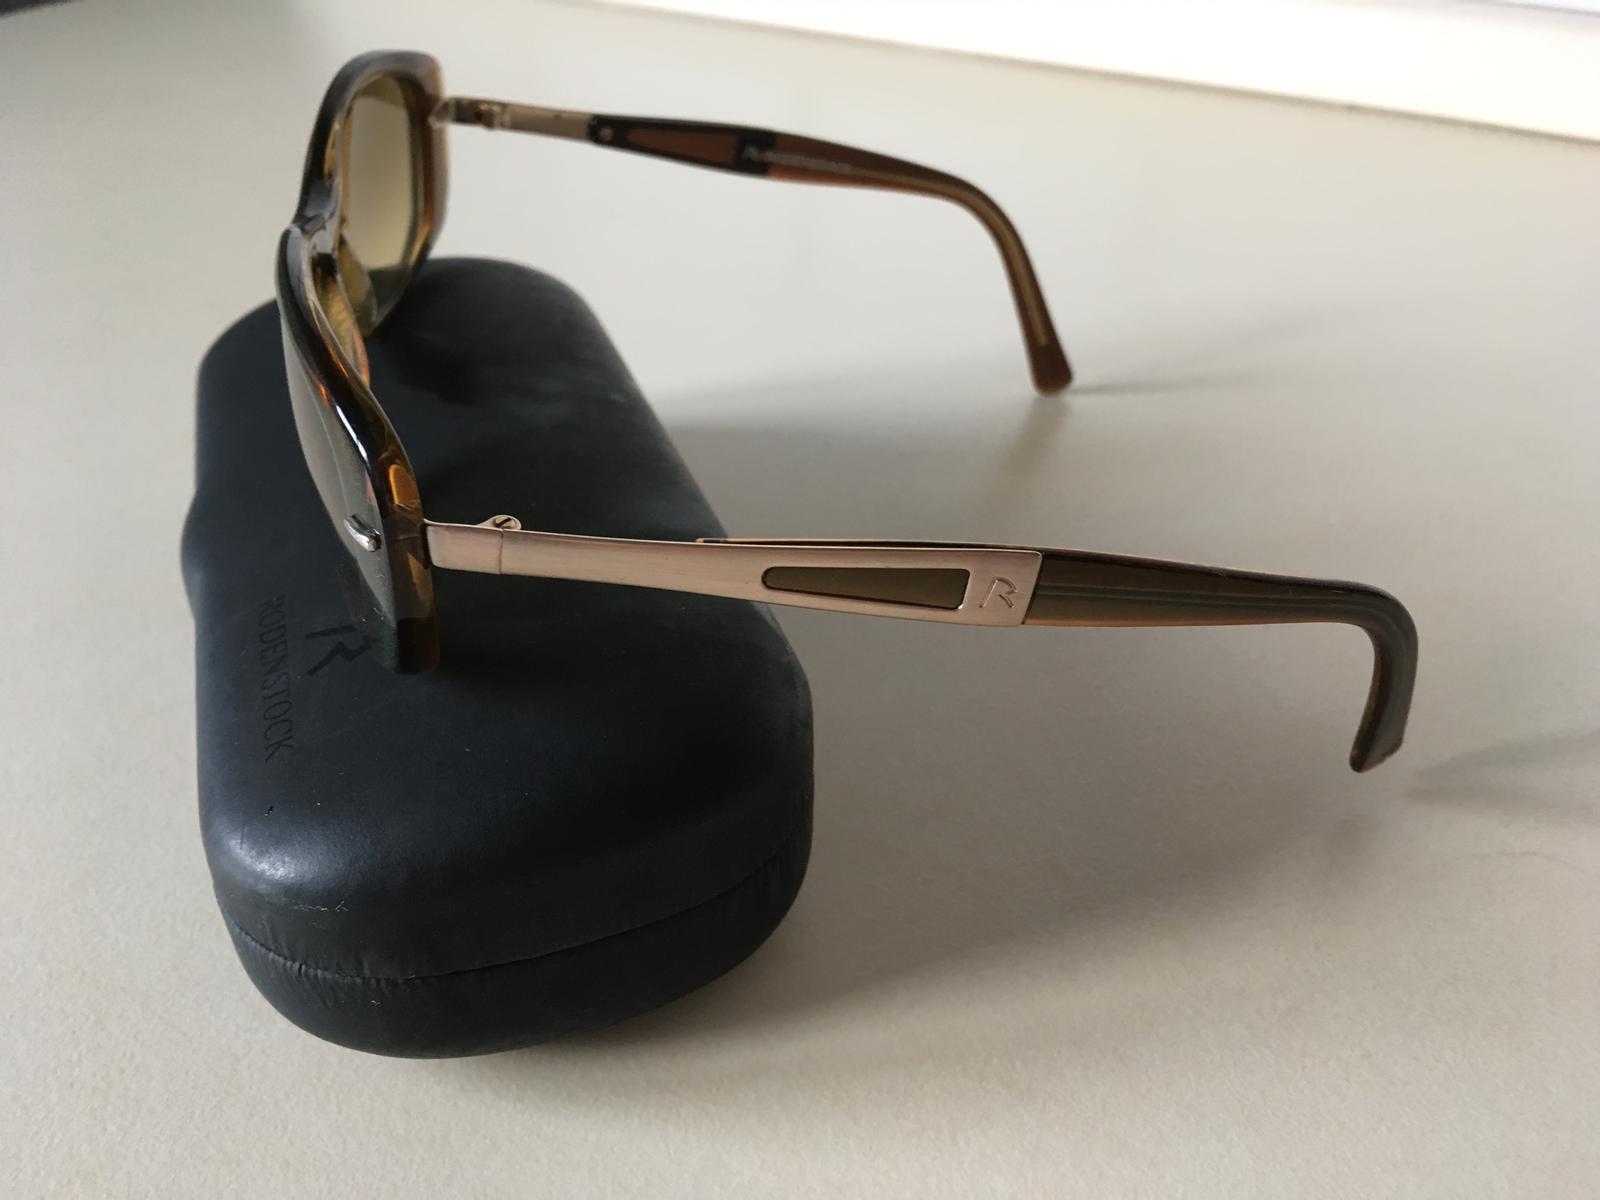 91f4c6bd0 Slnecne okuliare rodenstock, - 25 € od predávajúcej fiera33 | Detský bazár  | ModryKonik.sk